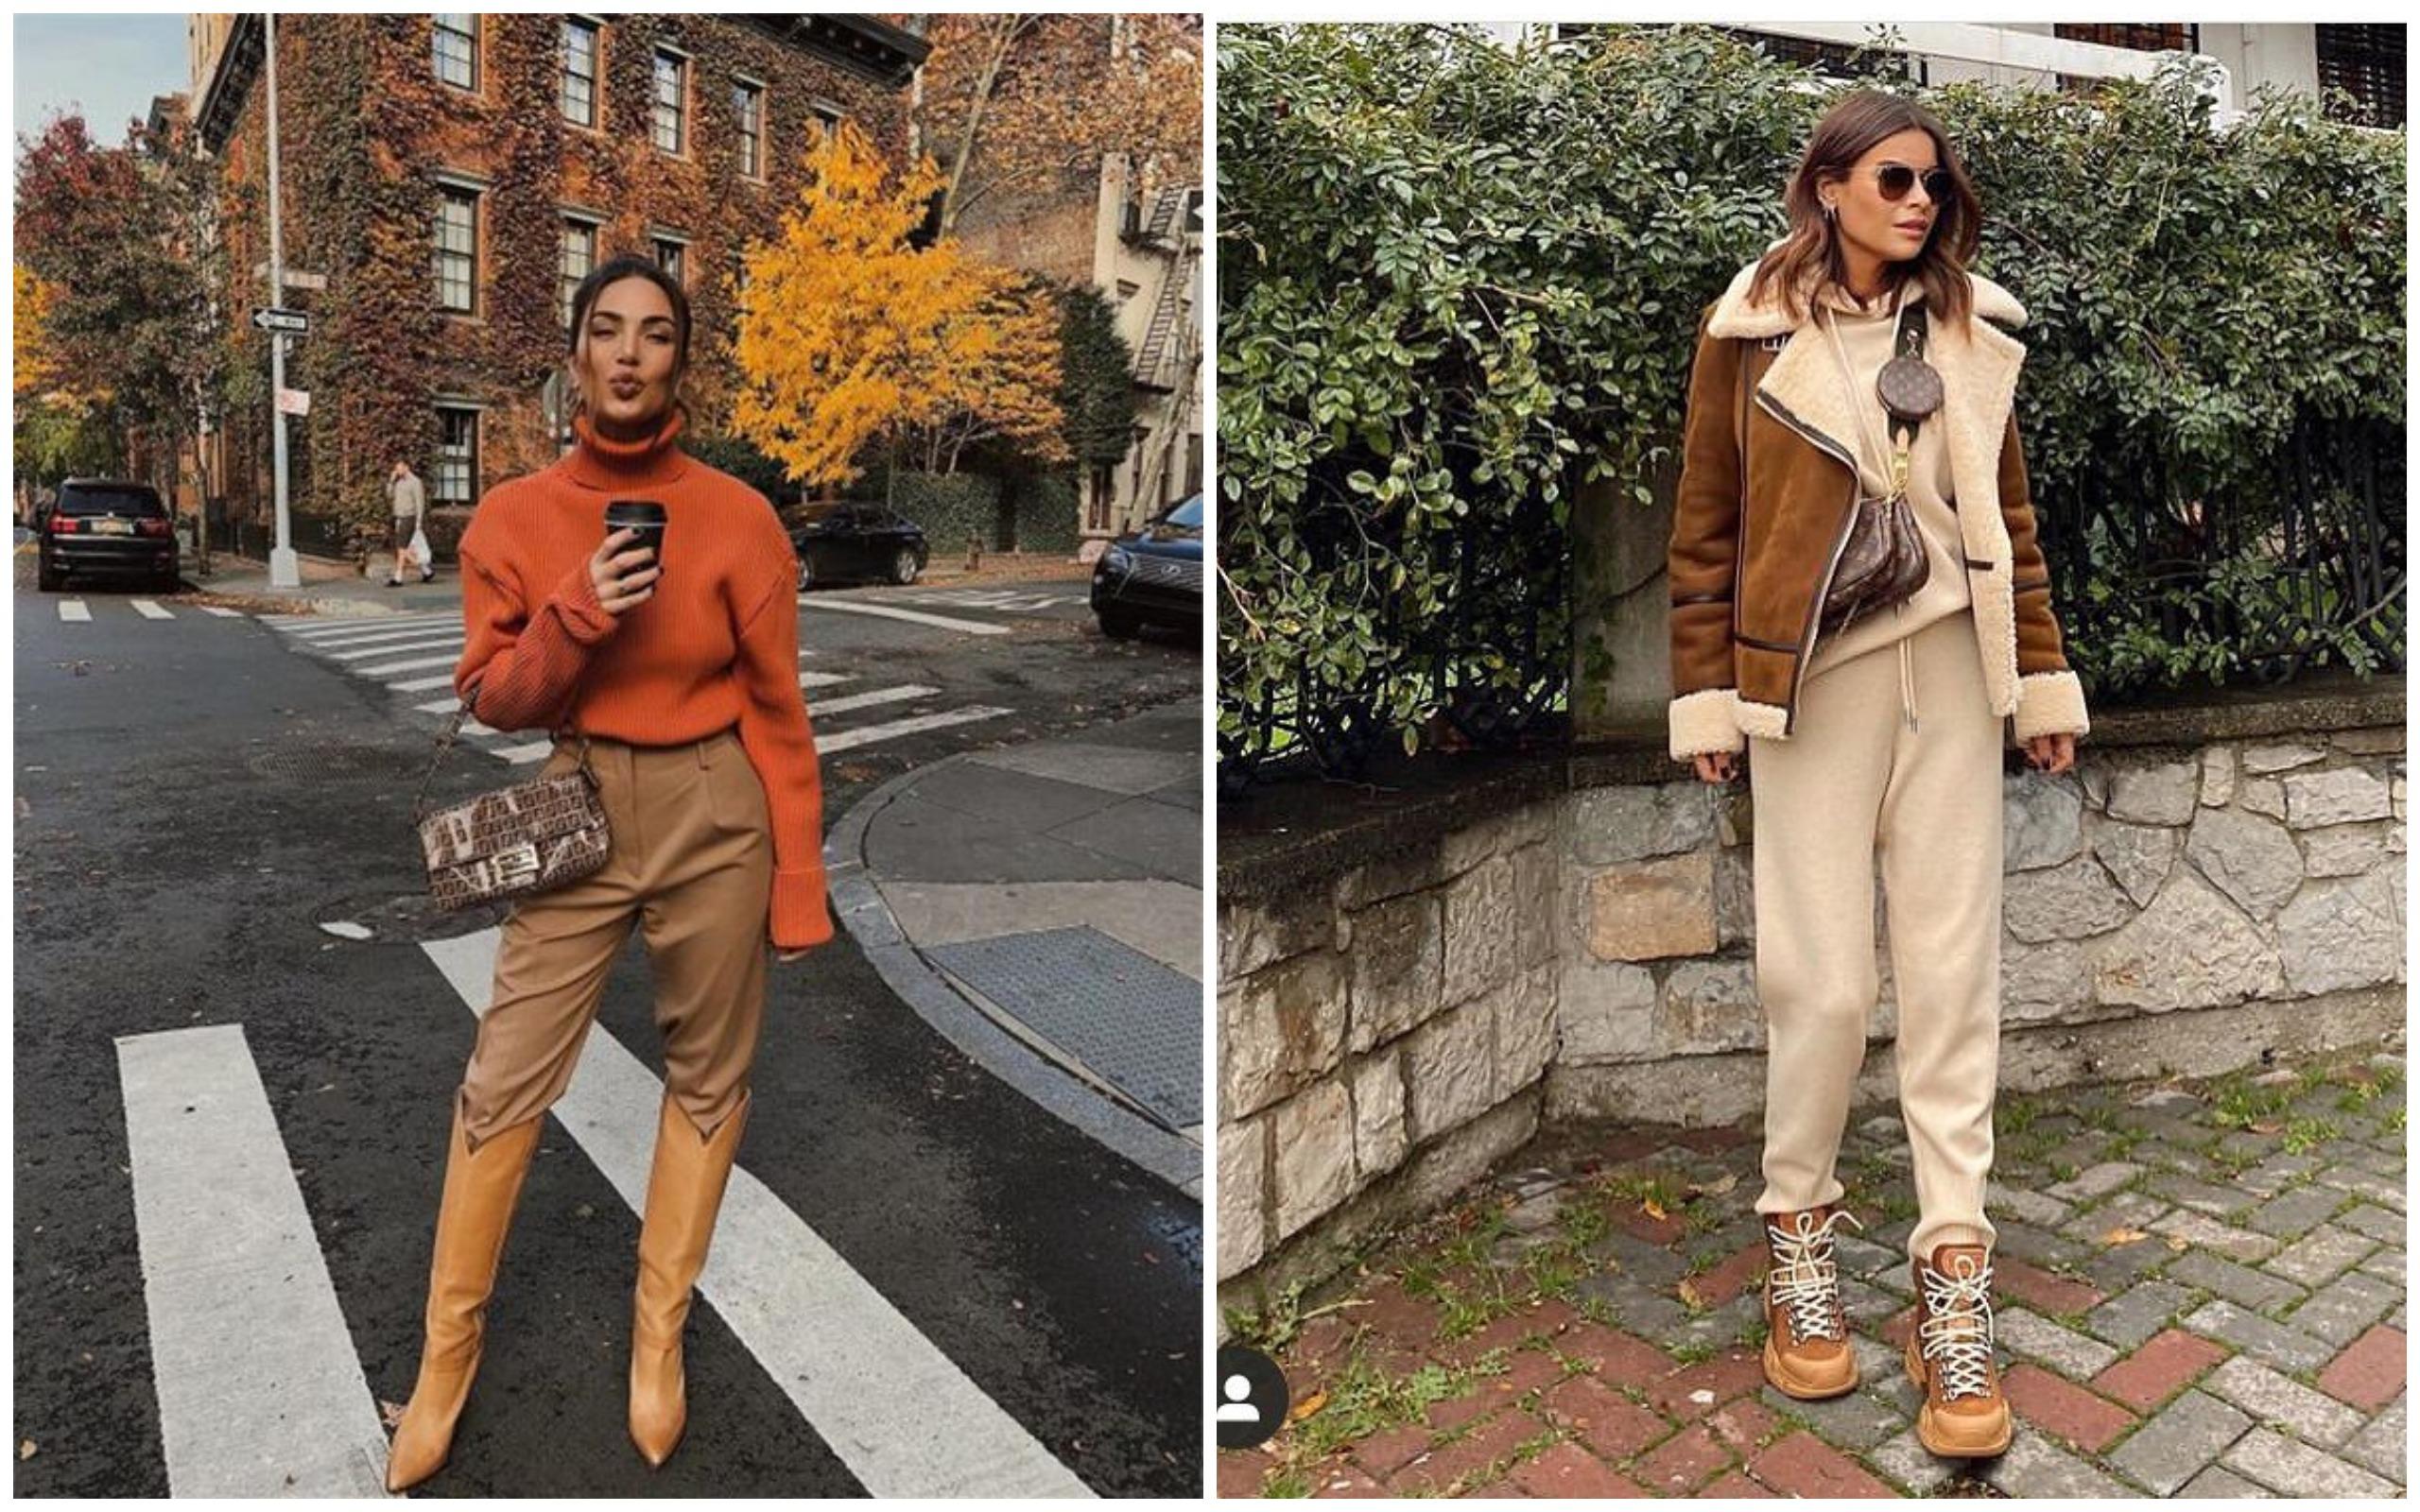 Pantalons femme 2020: pantalons à la mode pour femmes 2020